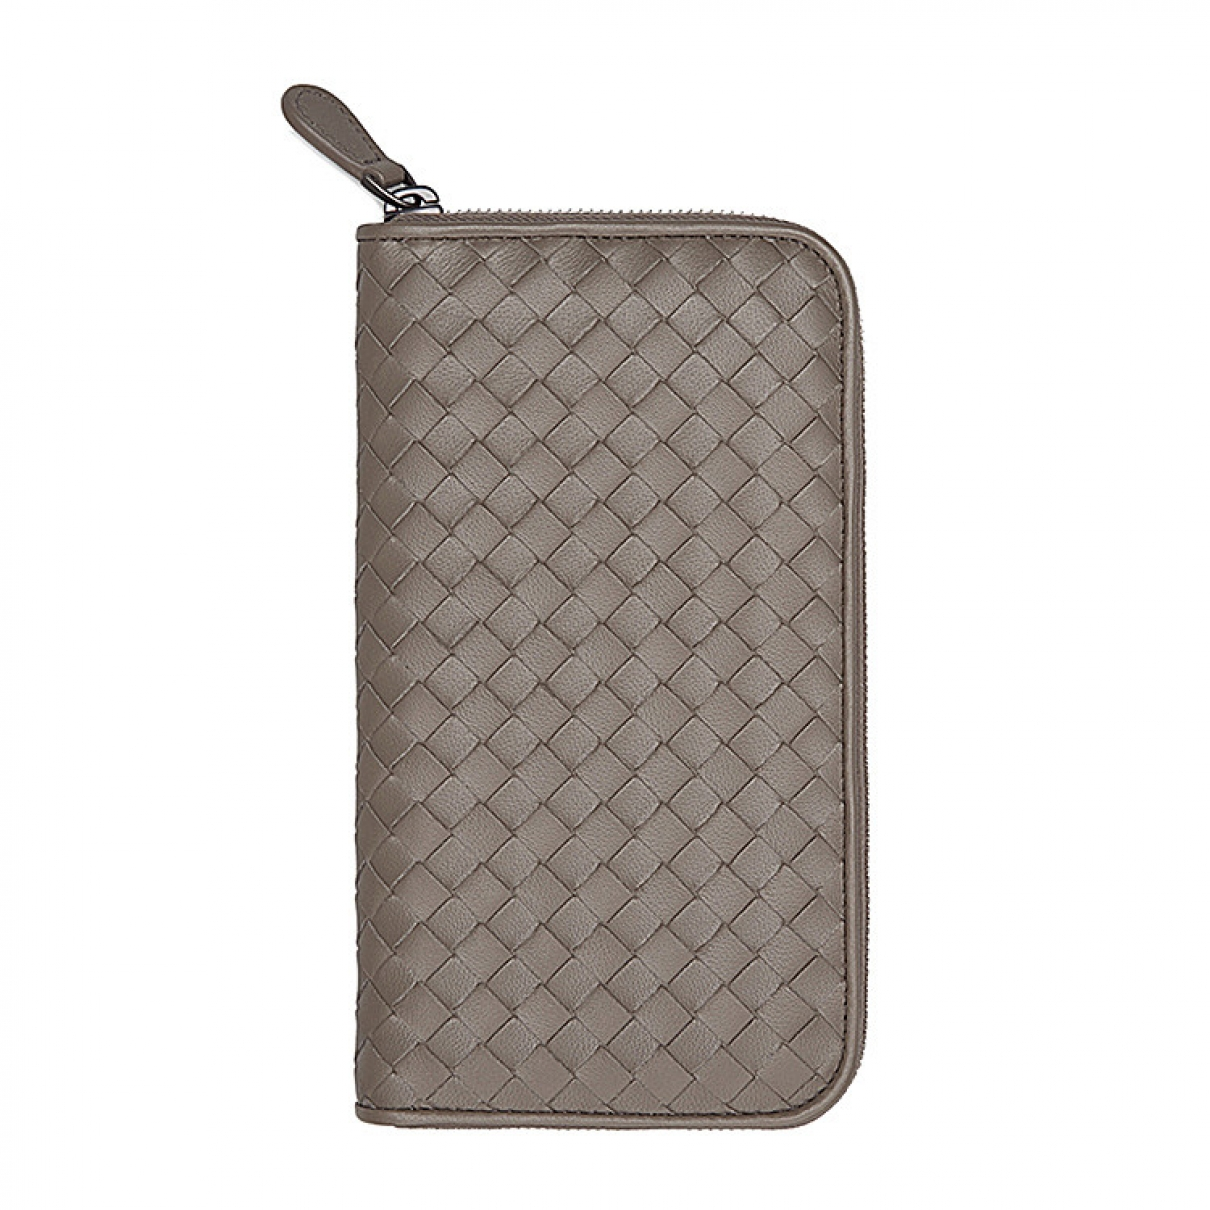 Bottega Veneta \N Brown Leather wallet for Women \N